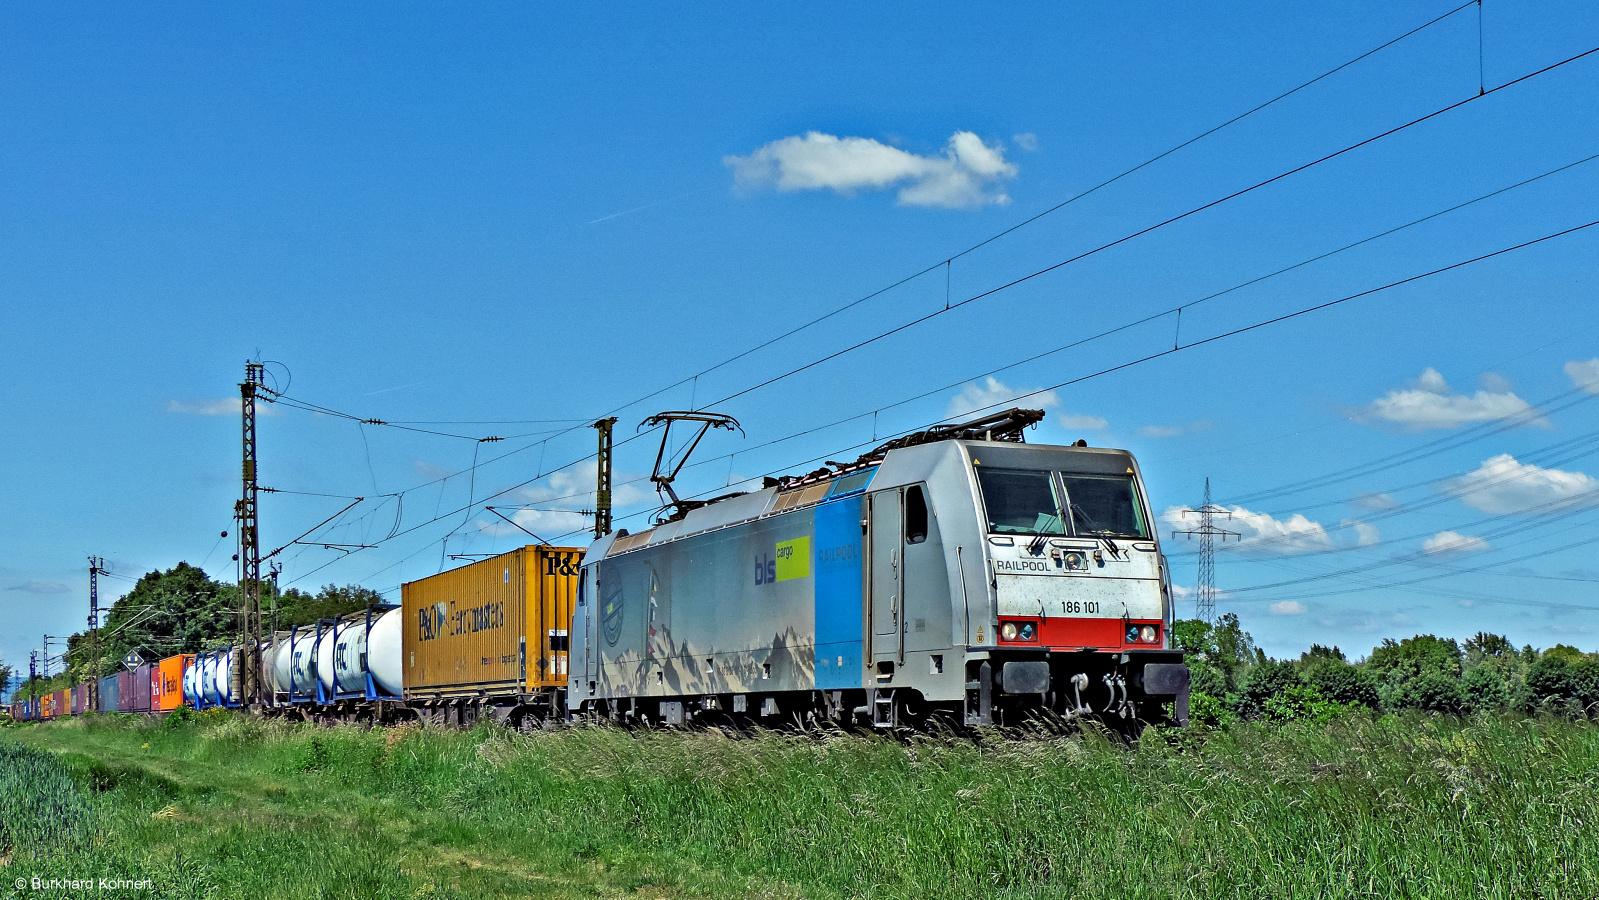 186 101 bls cargo Railpool